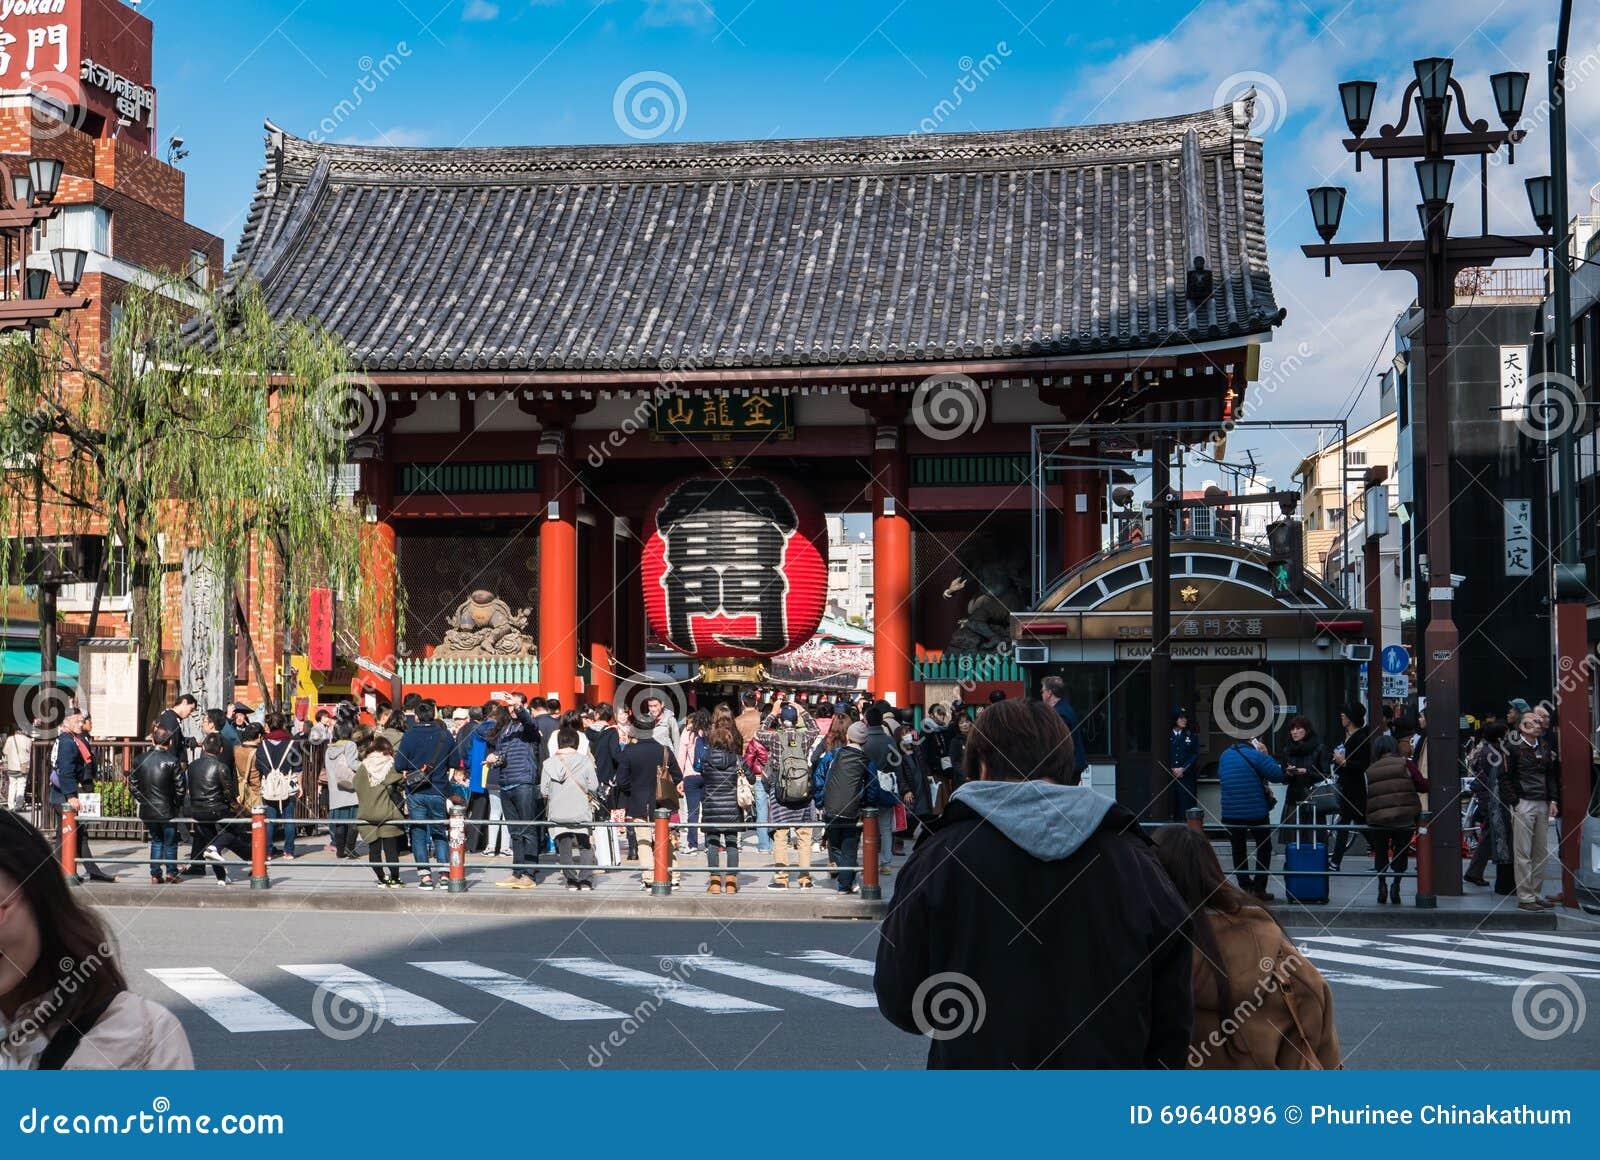 Puerta de kaminarimon trueno del templo de sensoji for Puerta kaminarimon